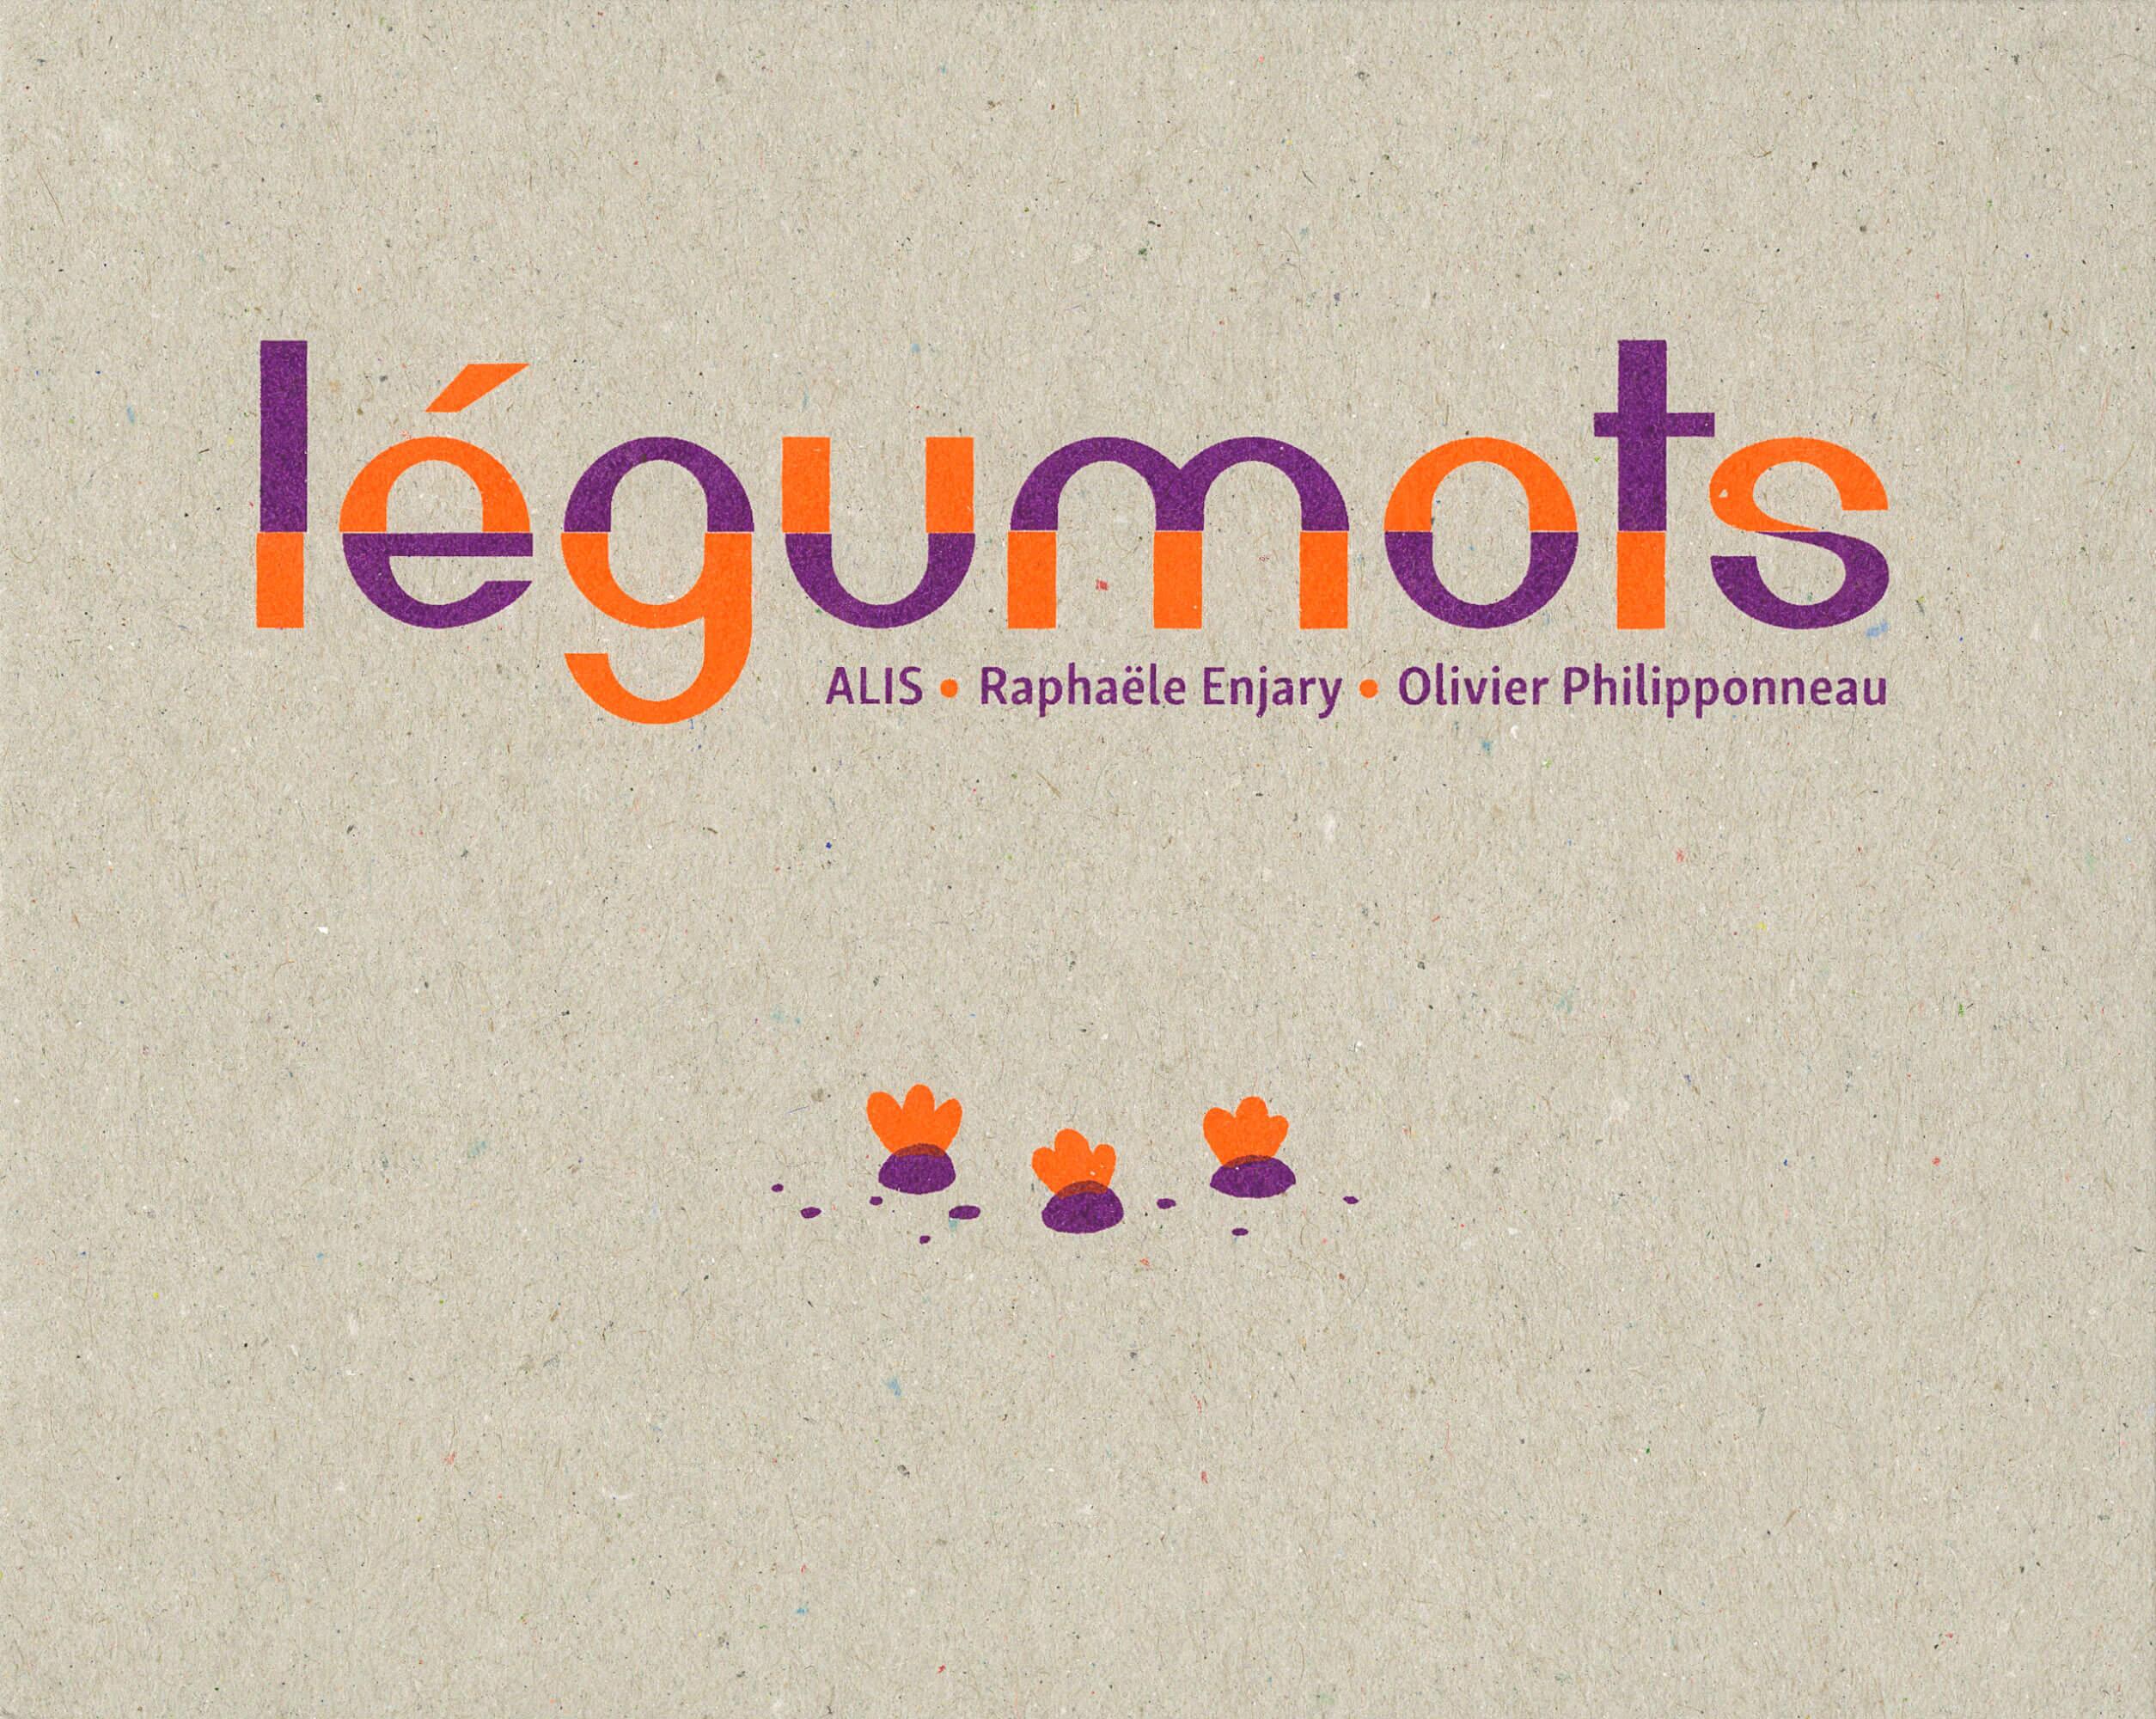 biblio_legumots